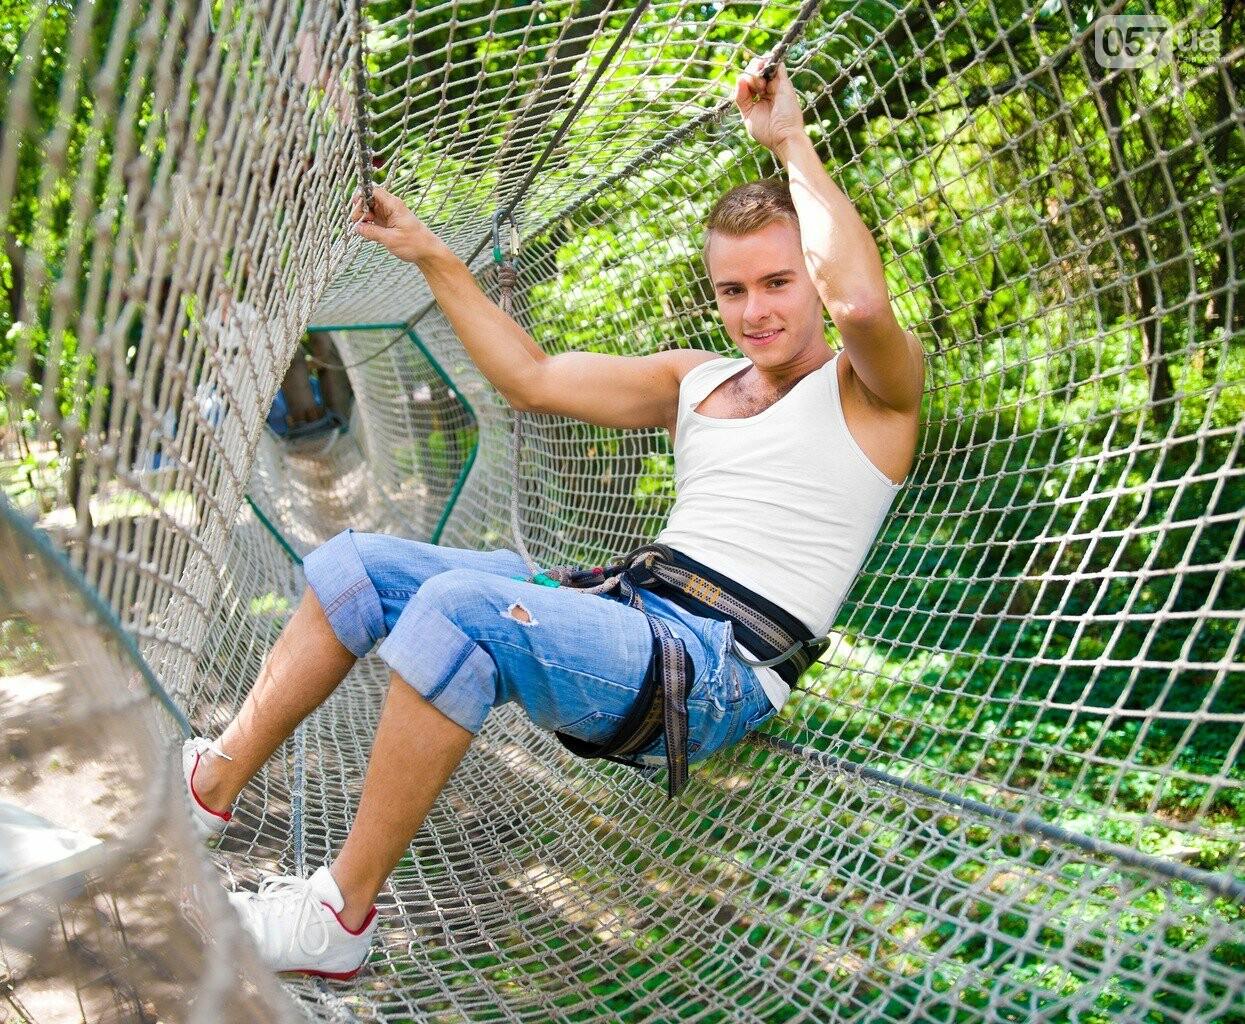 Активный отдых в Харькове: где нескучно отдохнуть на природе, фото-59